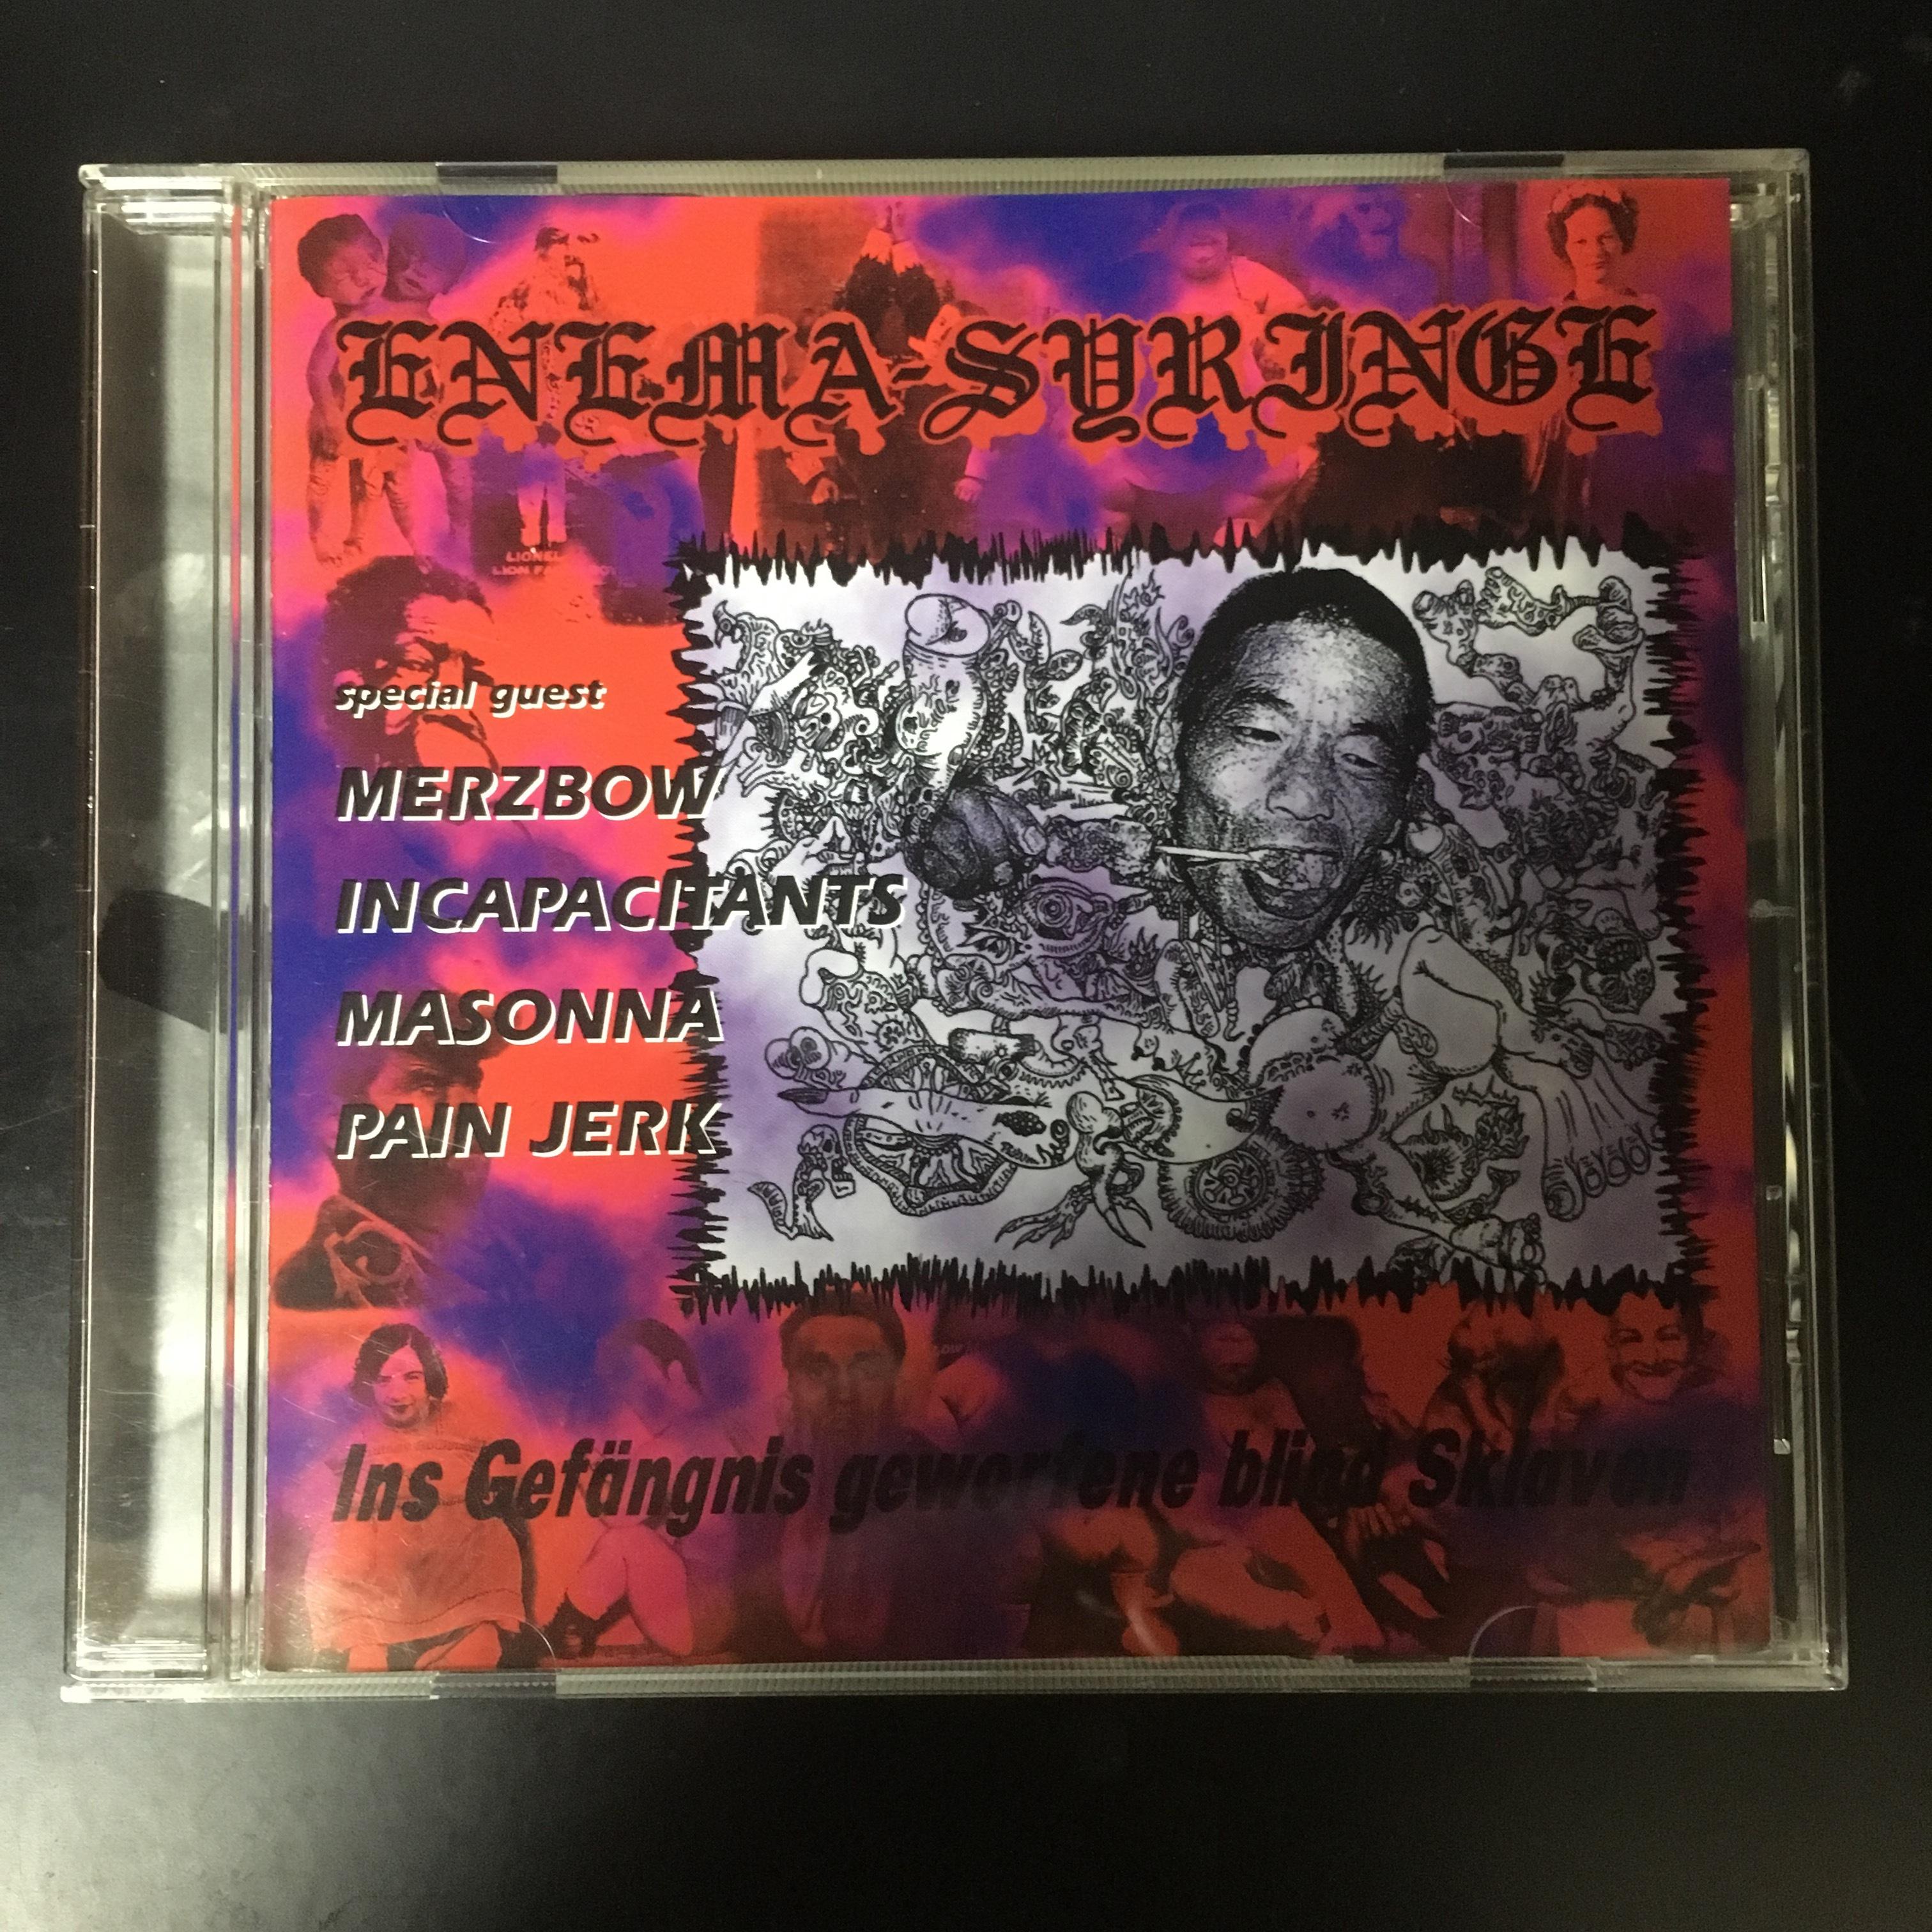 Enema-Syringe – Ins Gefängnis Geworfene Blind Sklaven(CD)USED